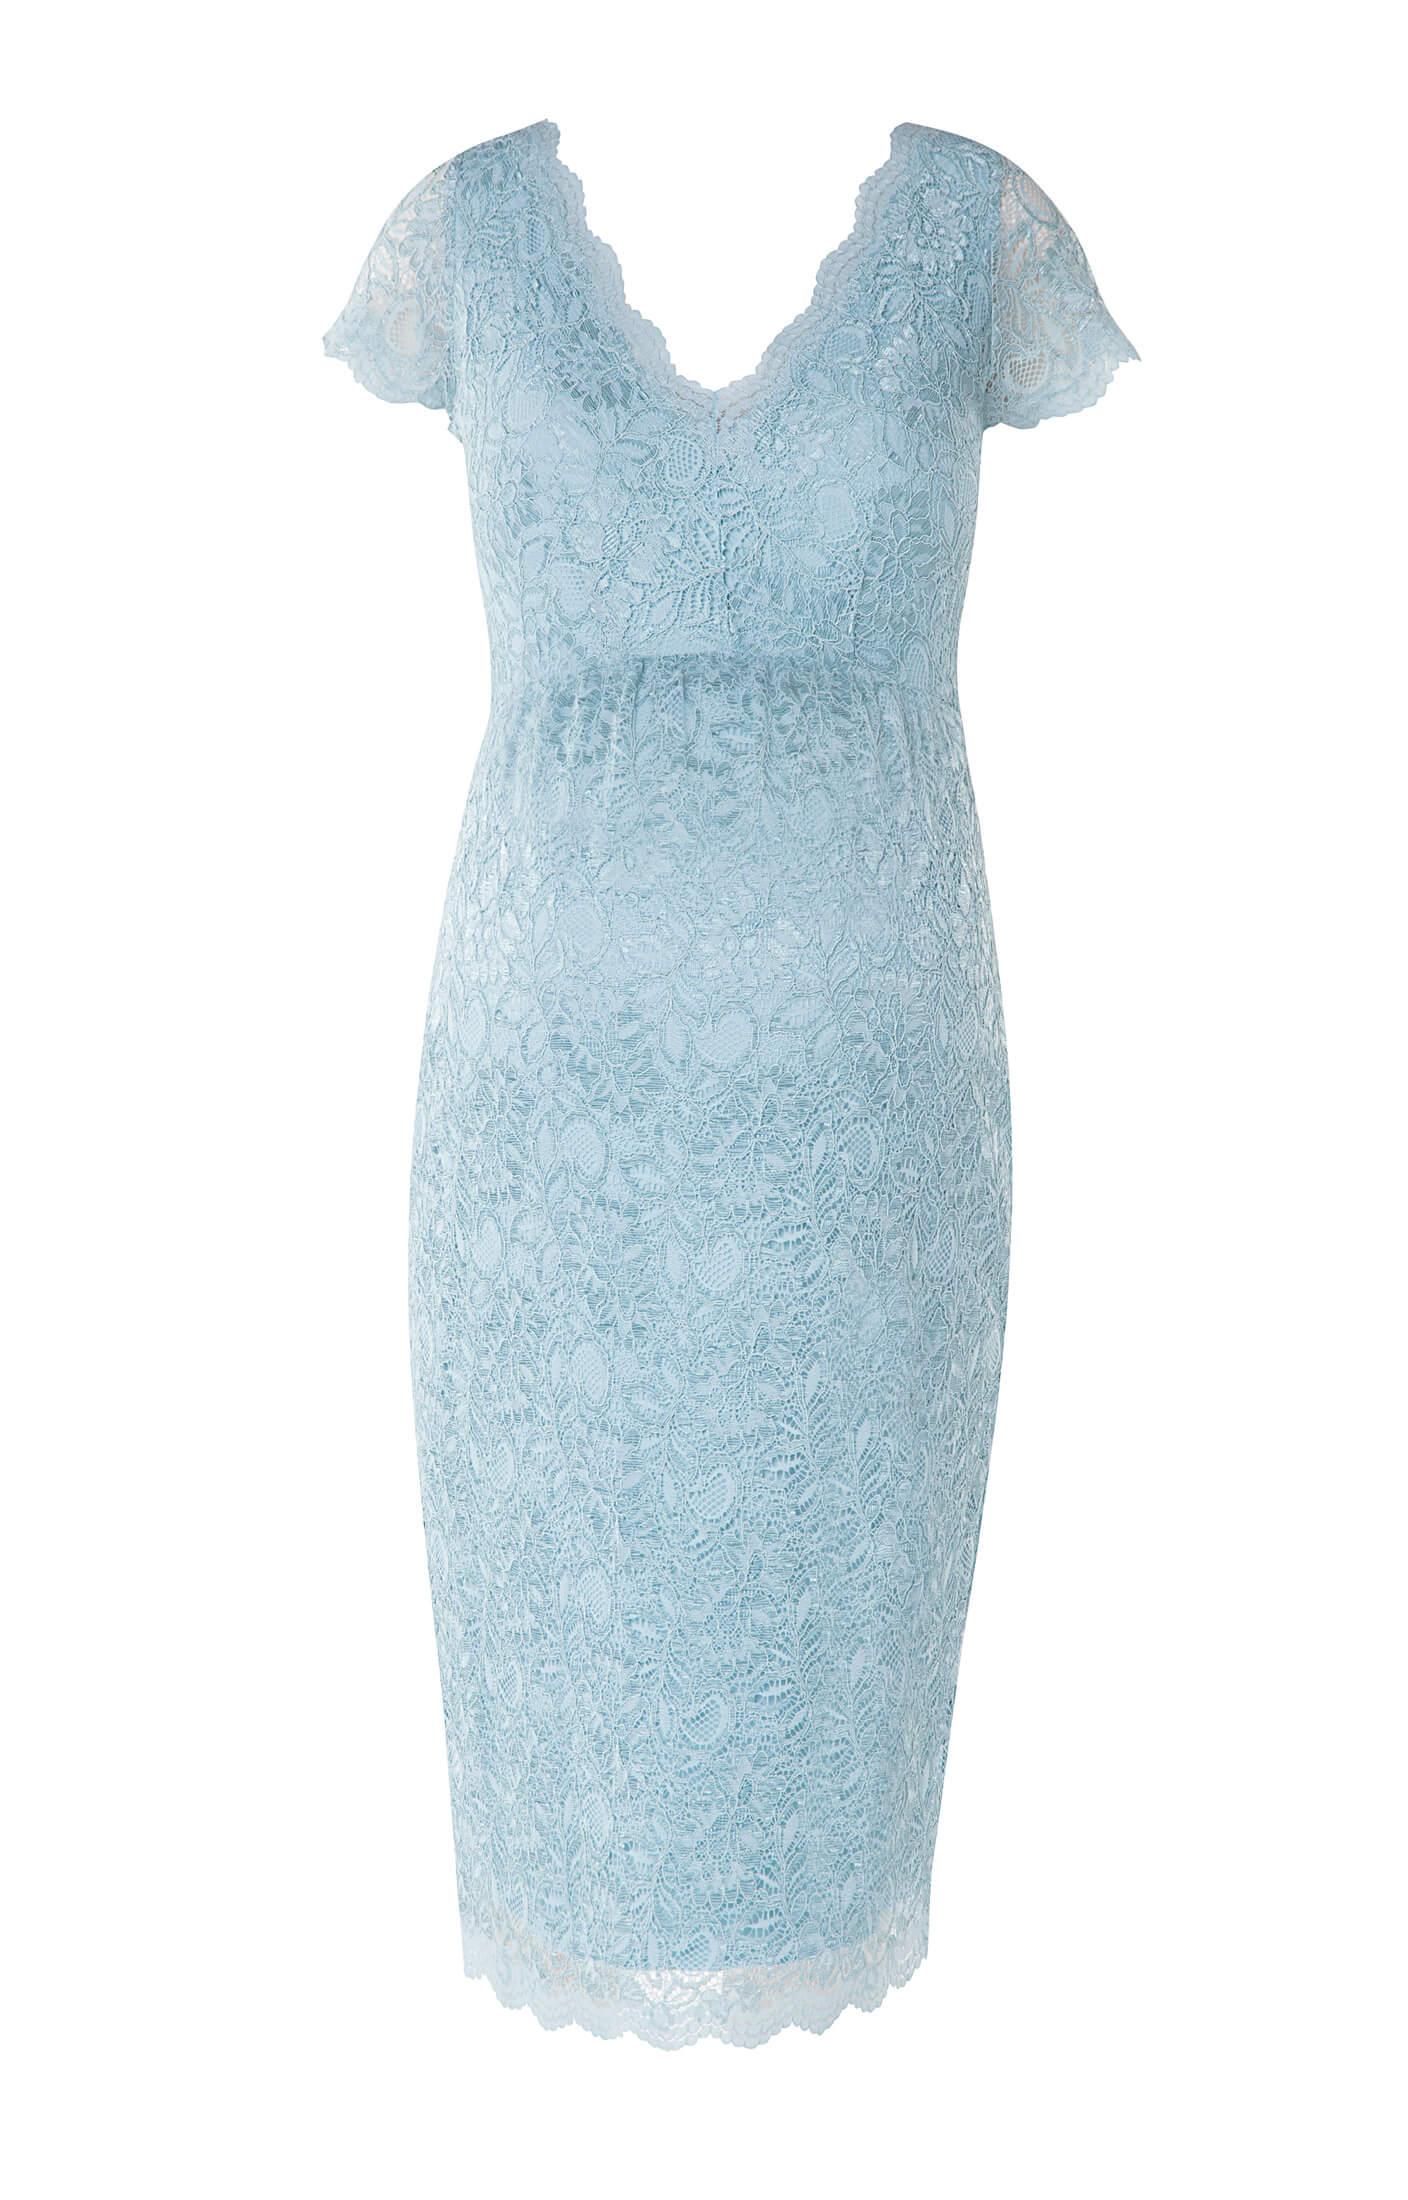 Laura maternity lace dress eau de nil maternity wedding for Maternity lace wedding dresses